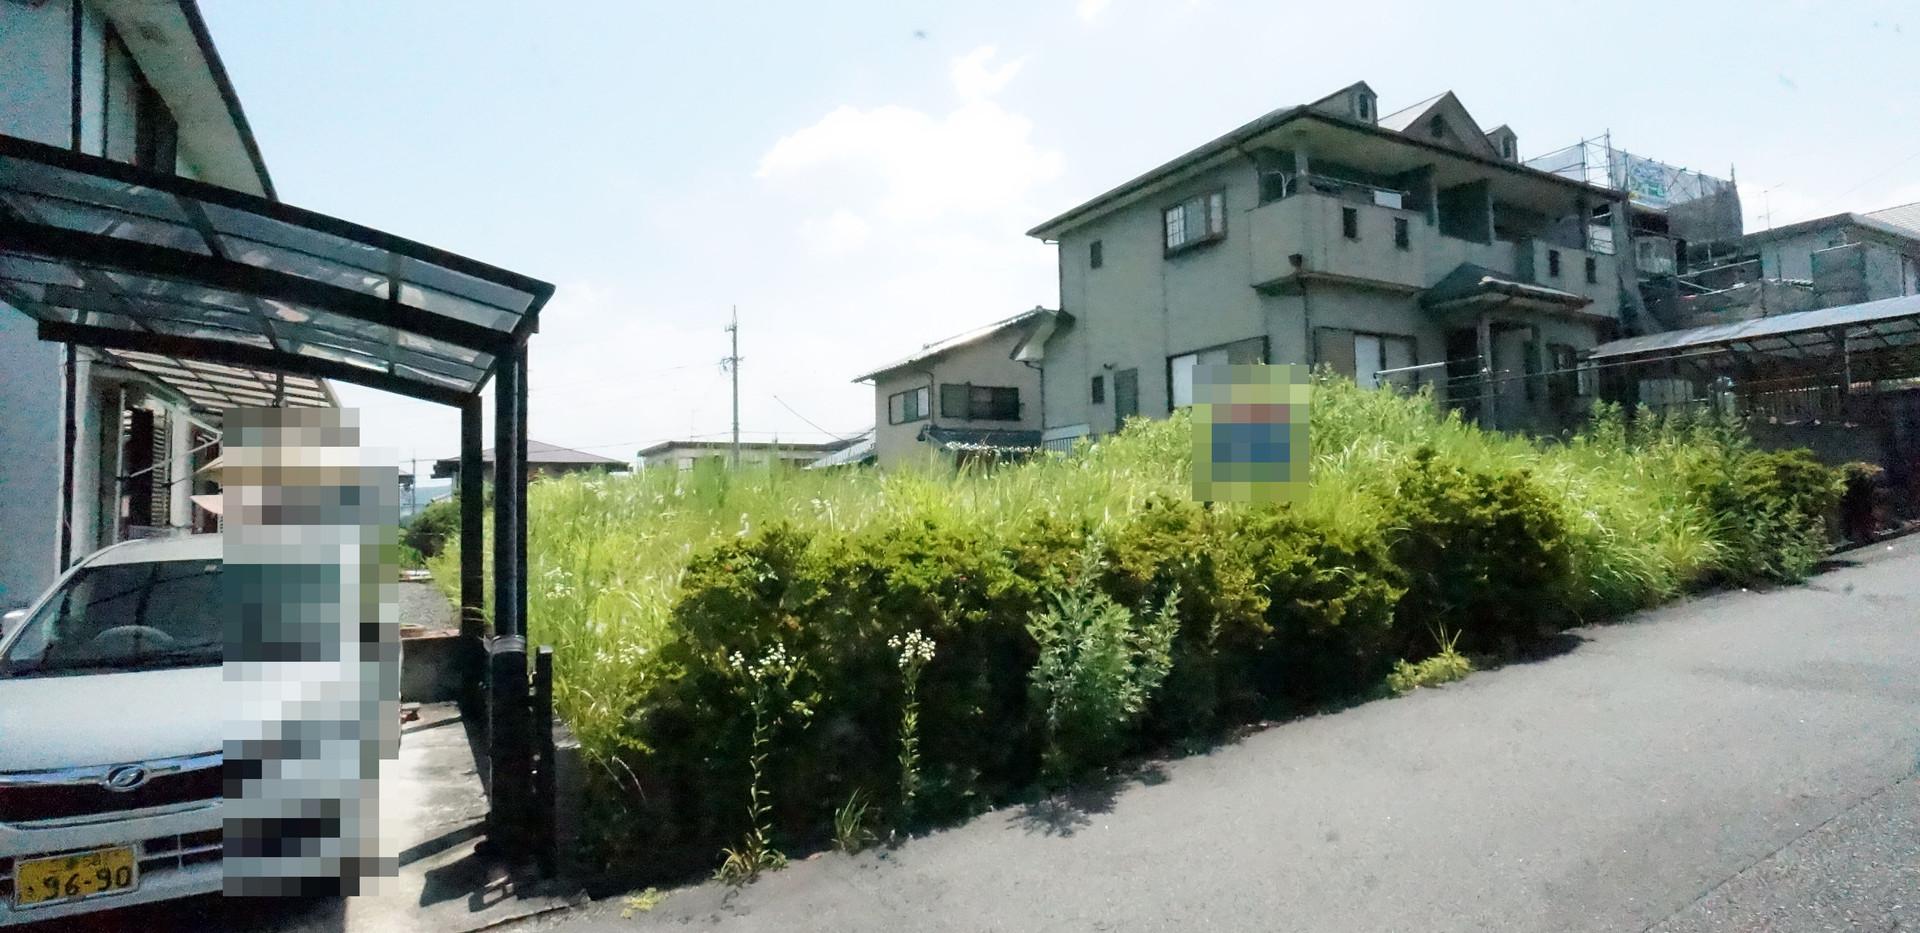 つつじが丘北4番町78 (9).JPG